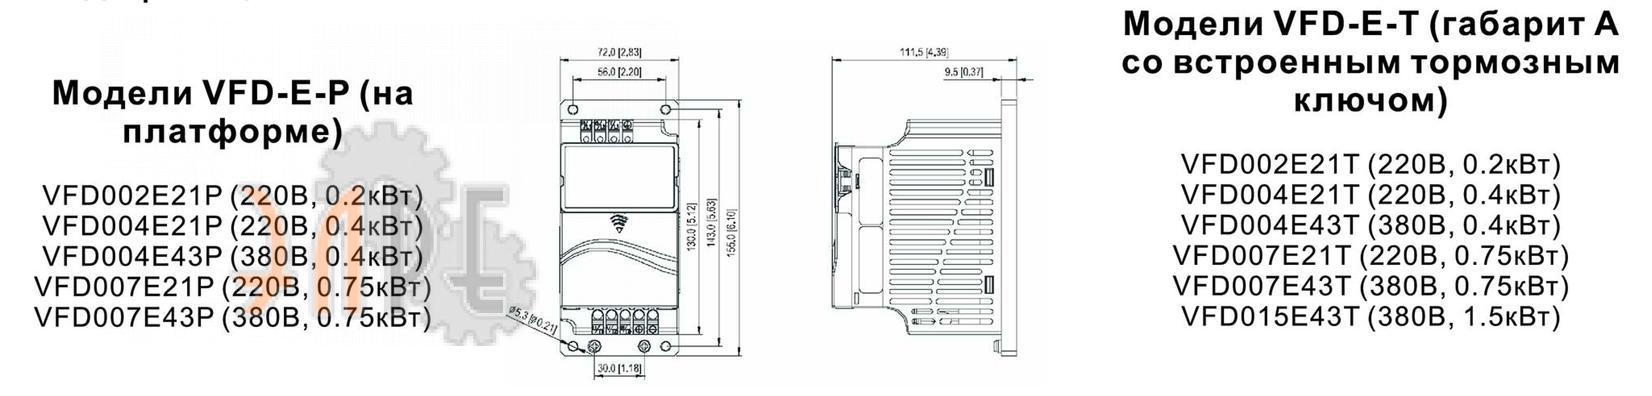 Модели на платформе или со встроенным тормозным ключом